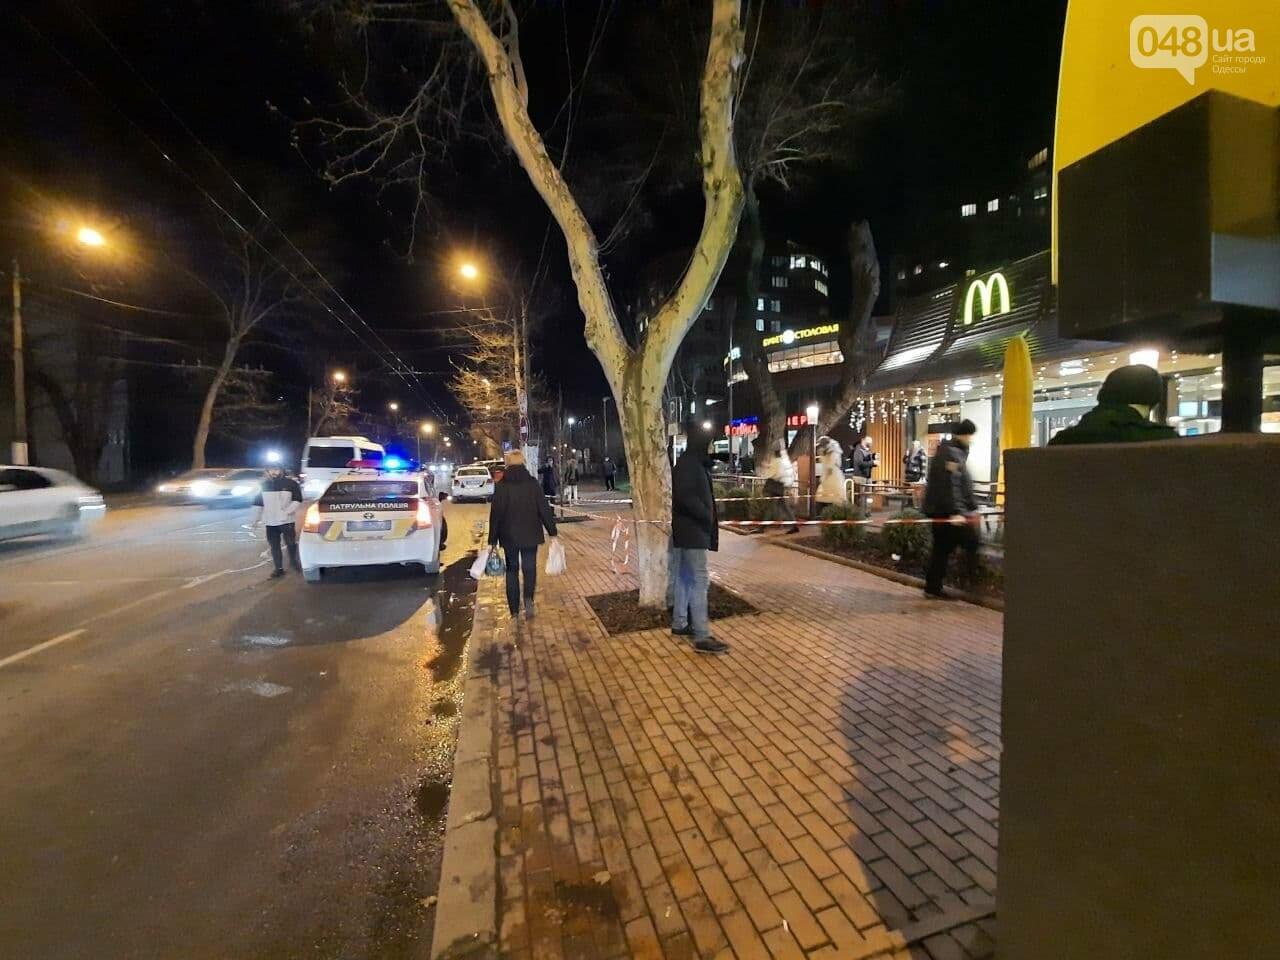 Стало плохо за рулём: в полиции прокомментировали резонансное ДТП в Одессе, - ФОТО, ВИДЕО, фото-2